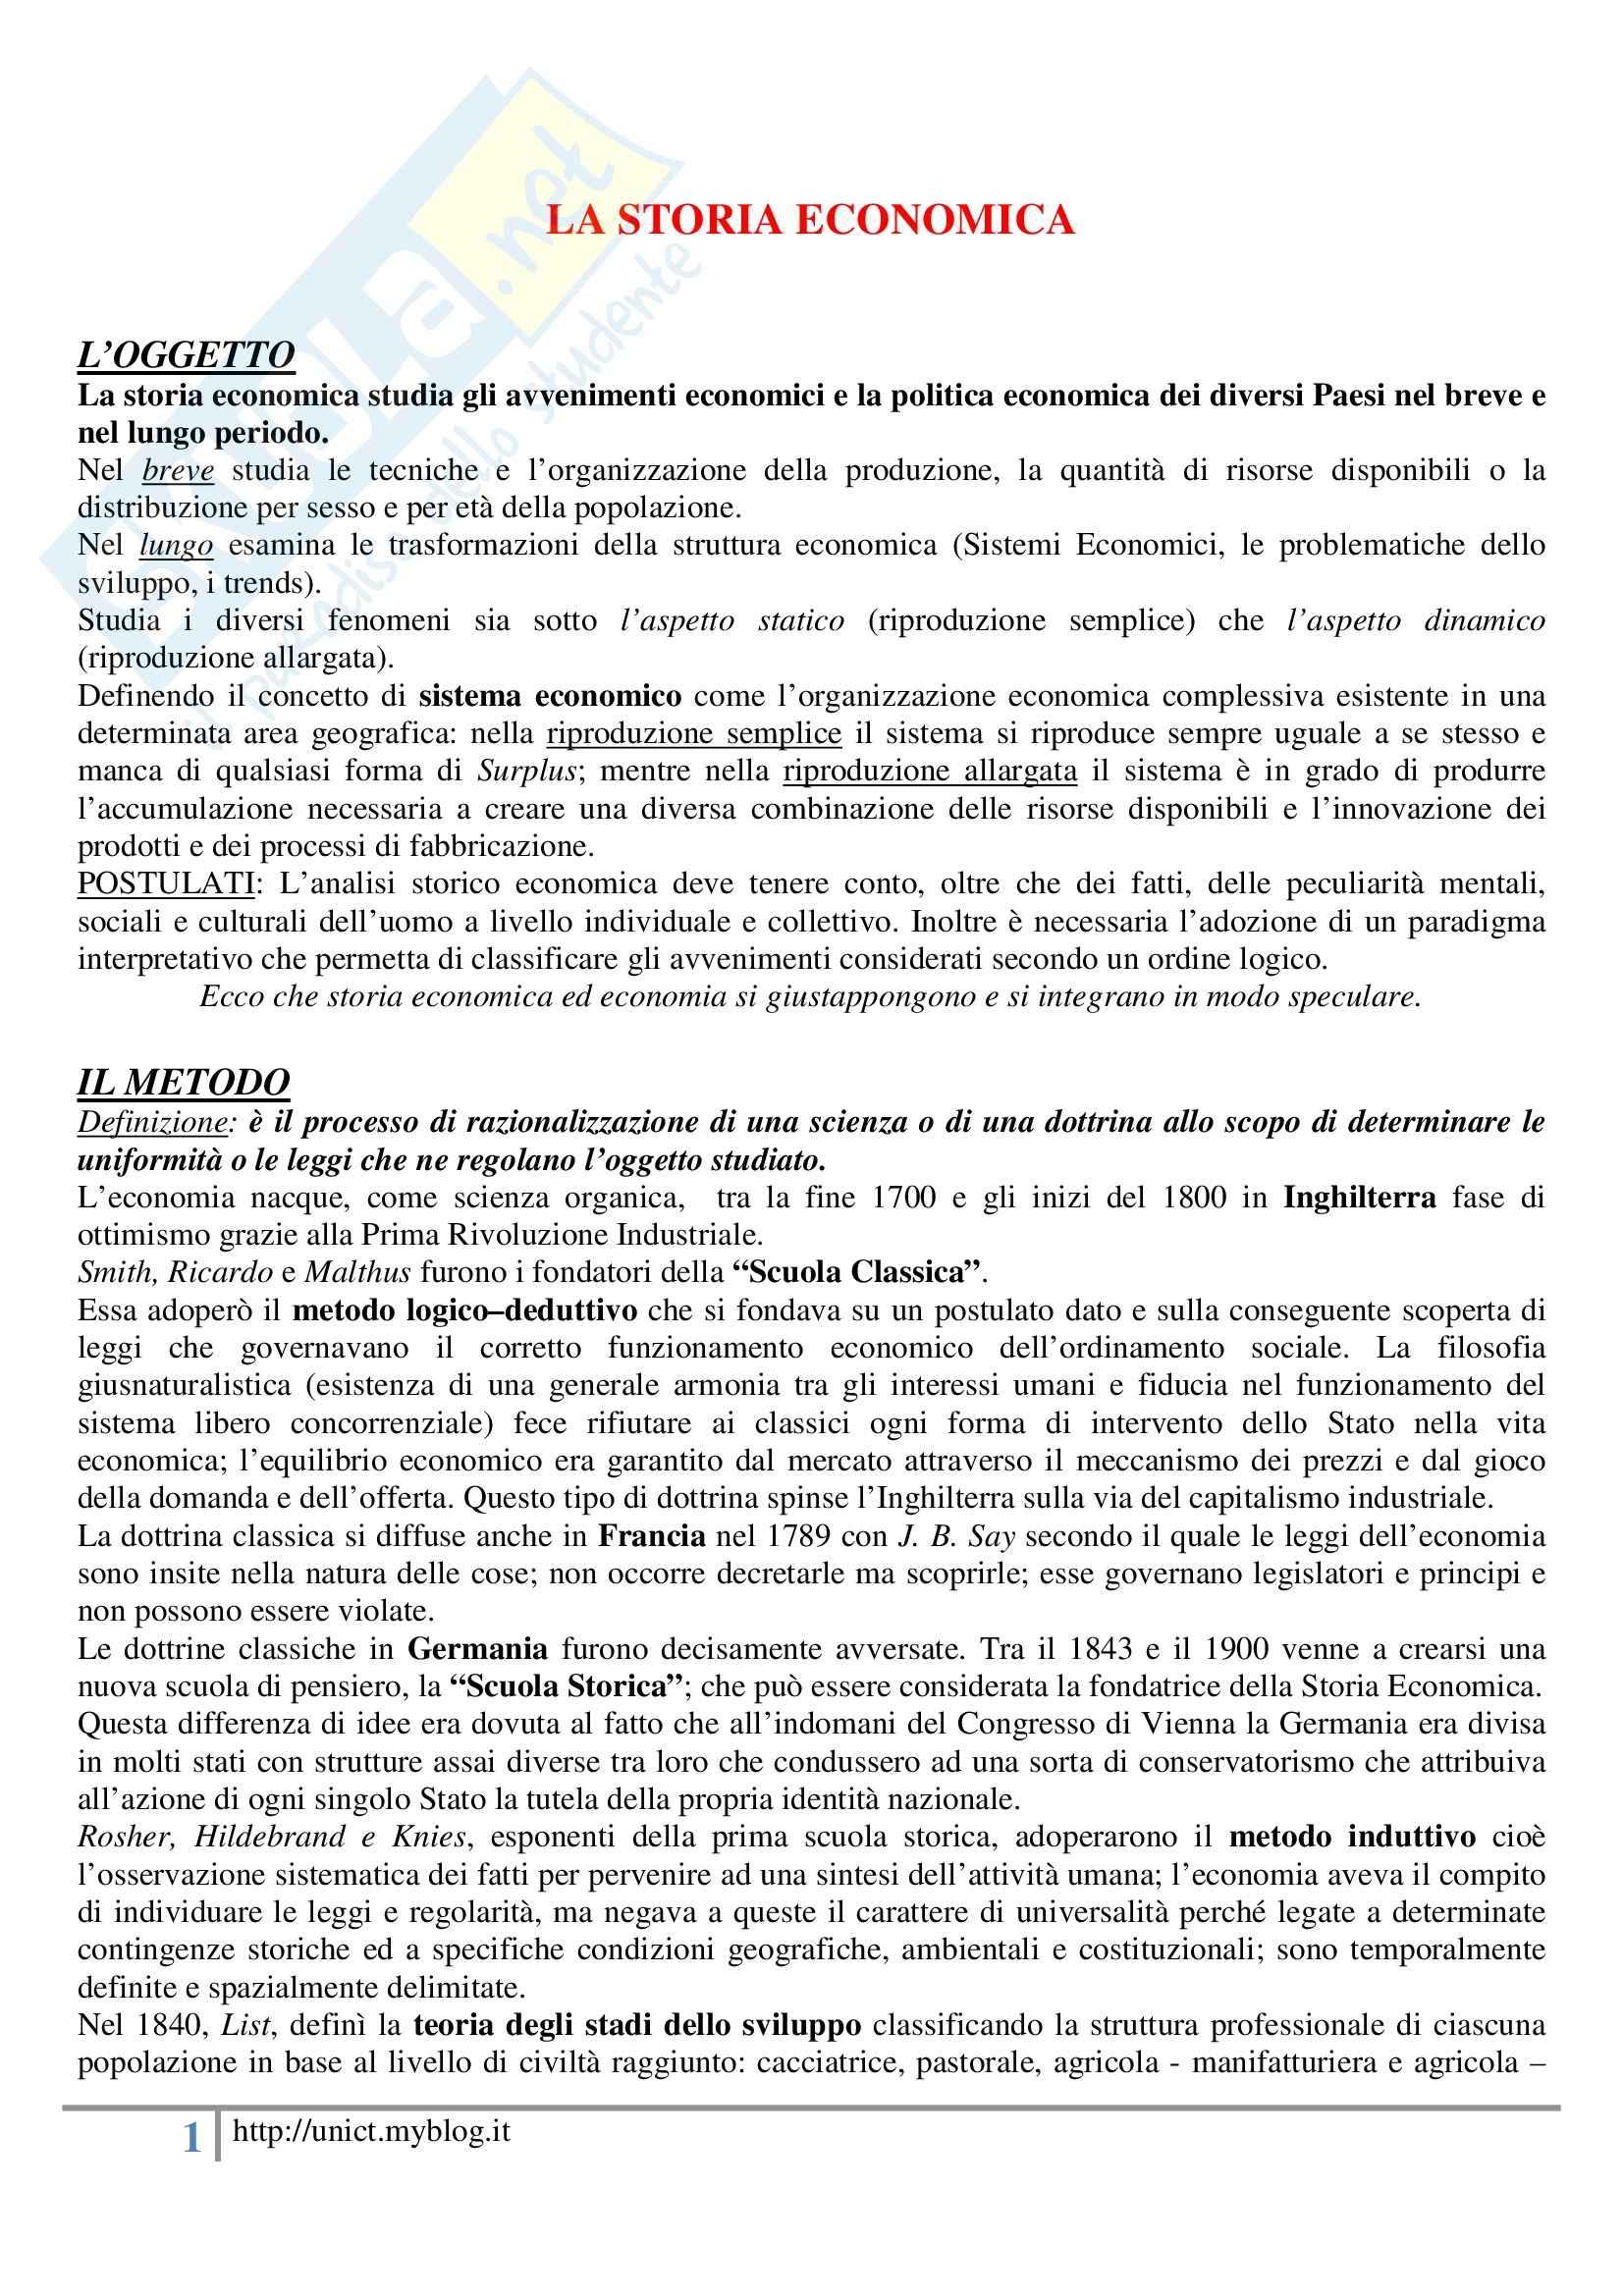 Storia dell'economia mondiale, Assante, Cipolla, Romano - Appunti